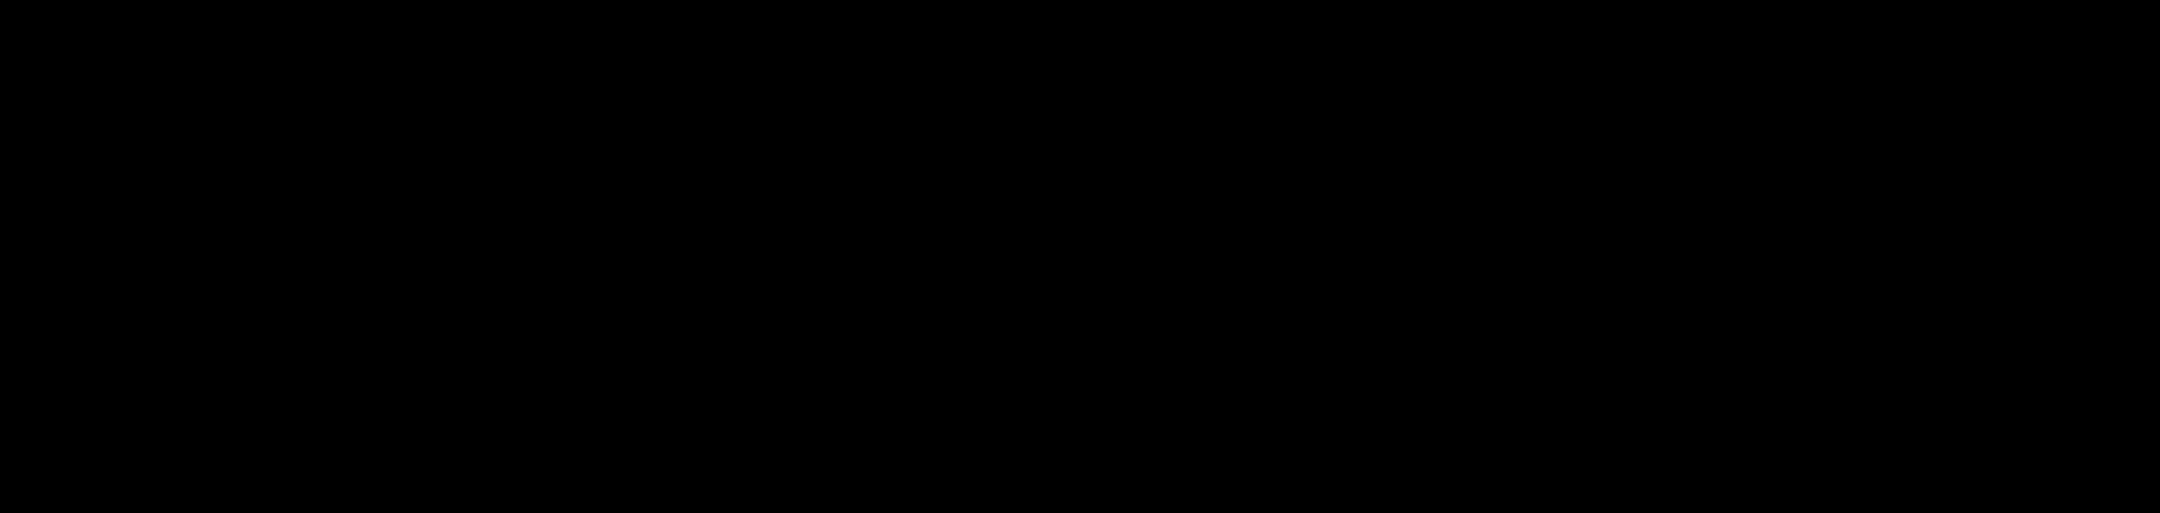 oppo logo 1 - OPPO Logo